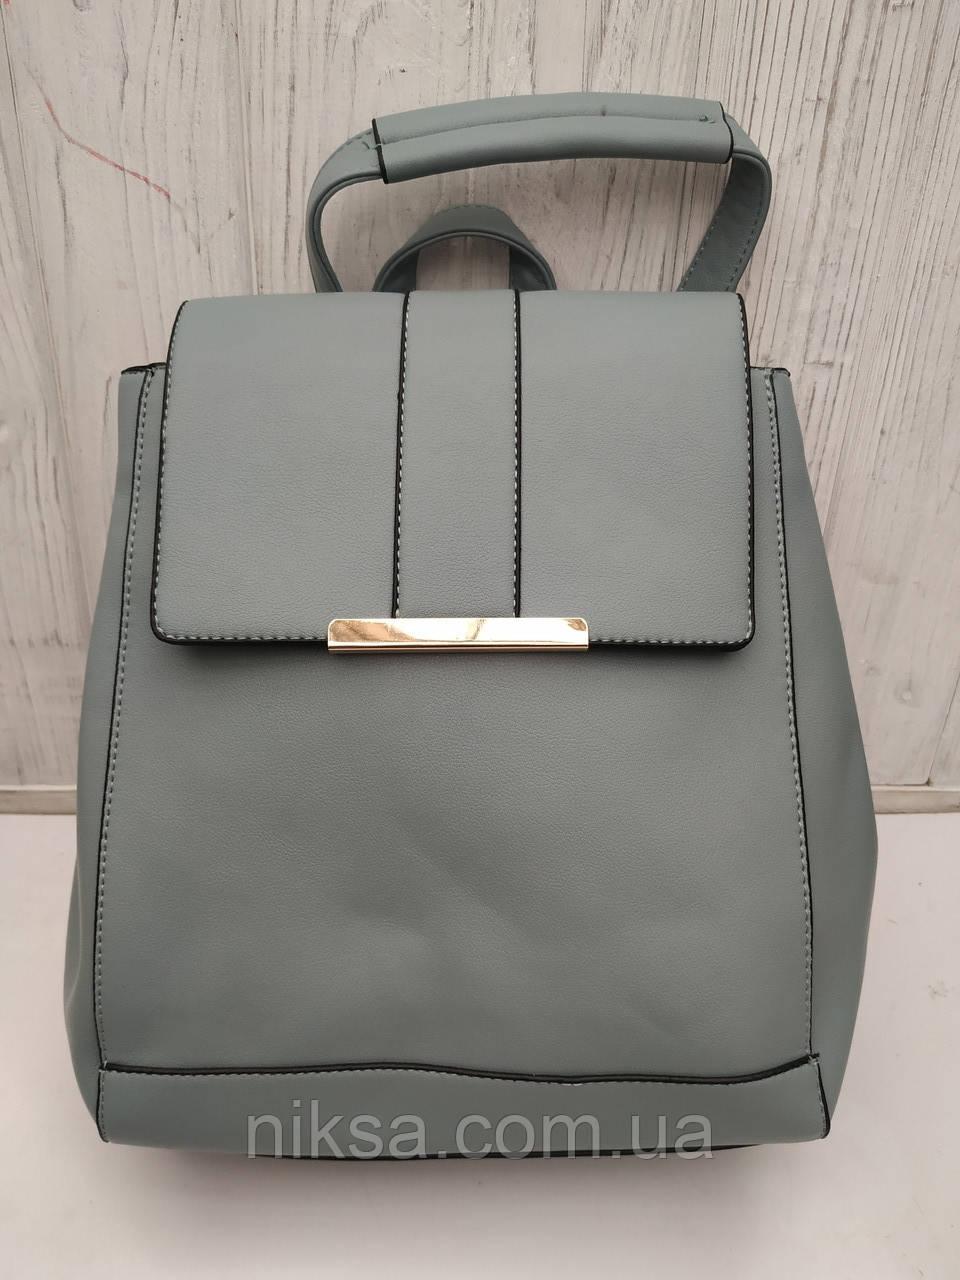 Рюкзак городской женский стильный из кожзама размер 30x24x12